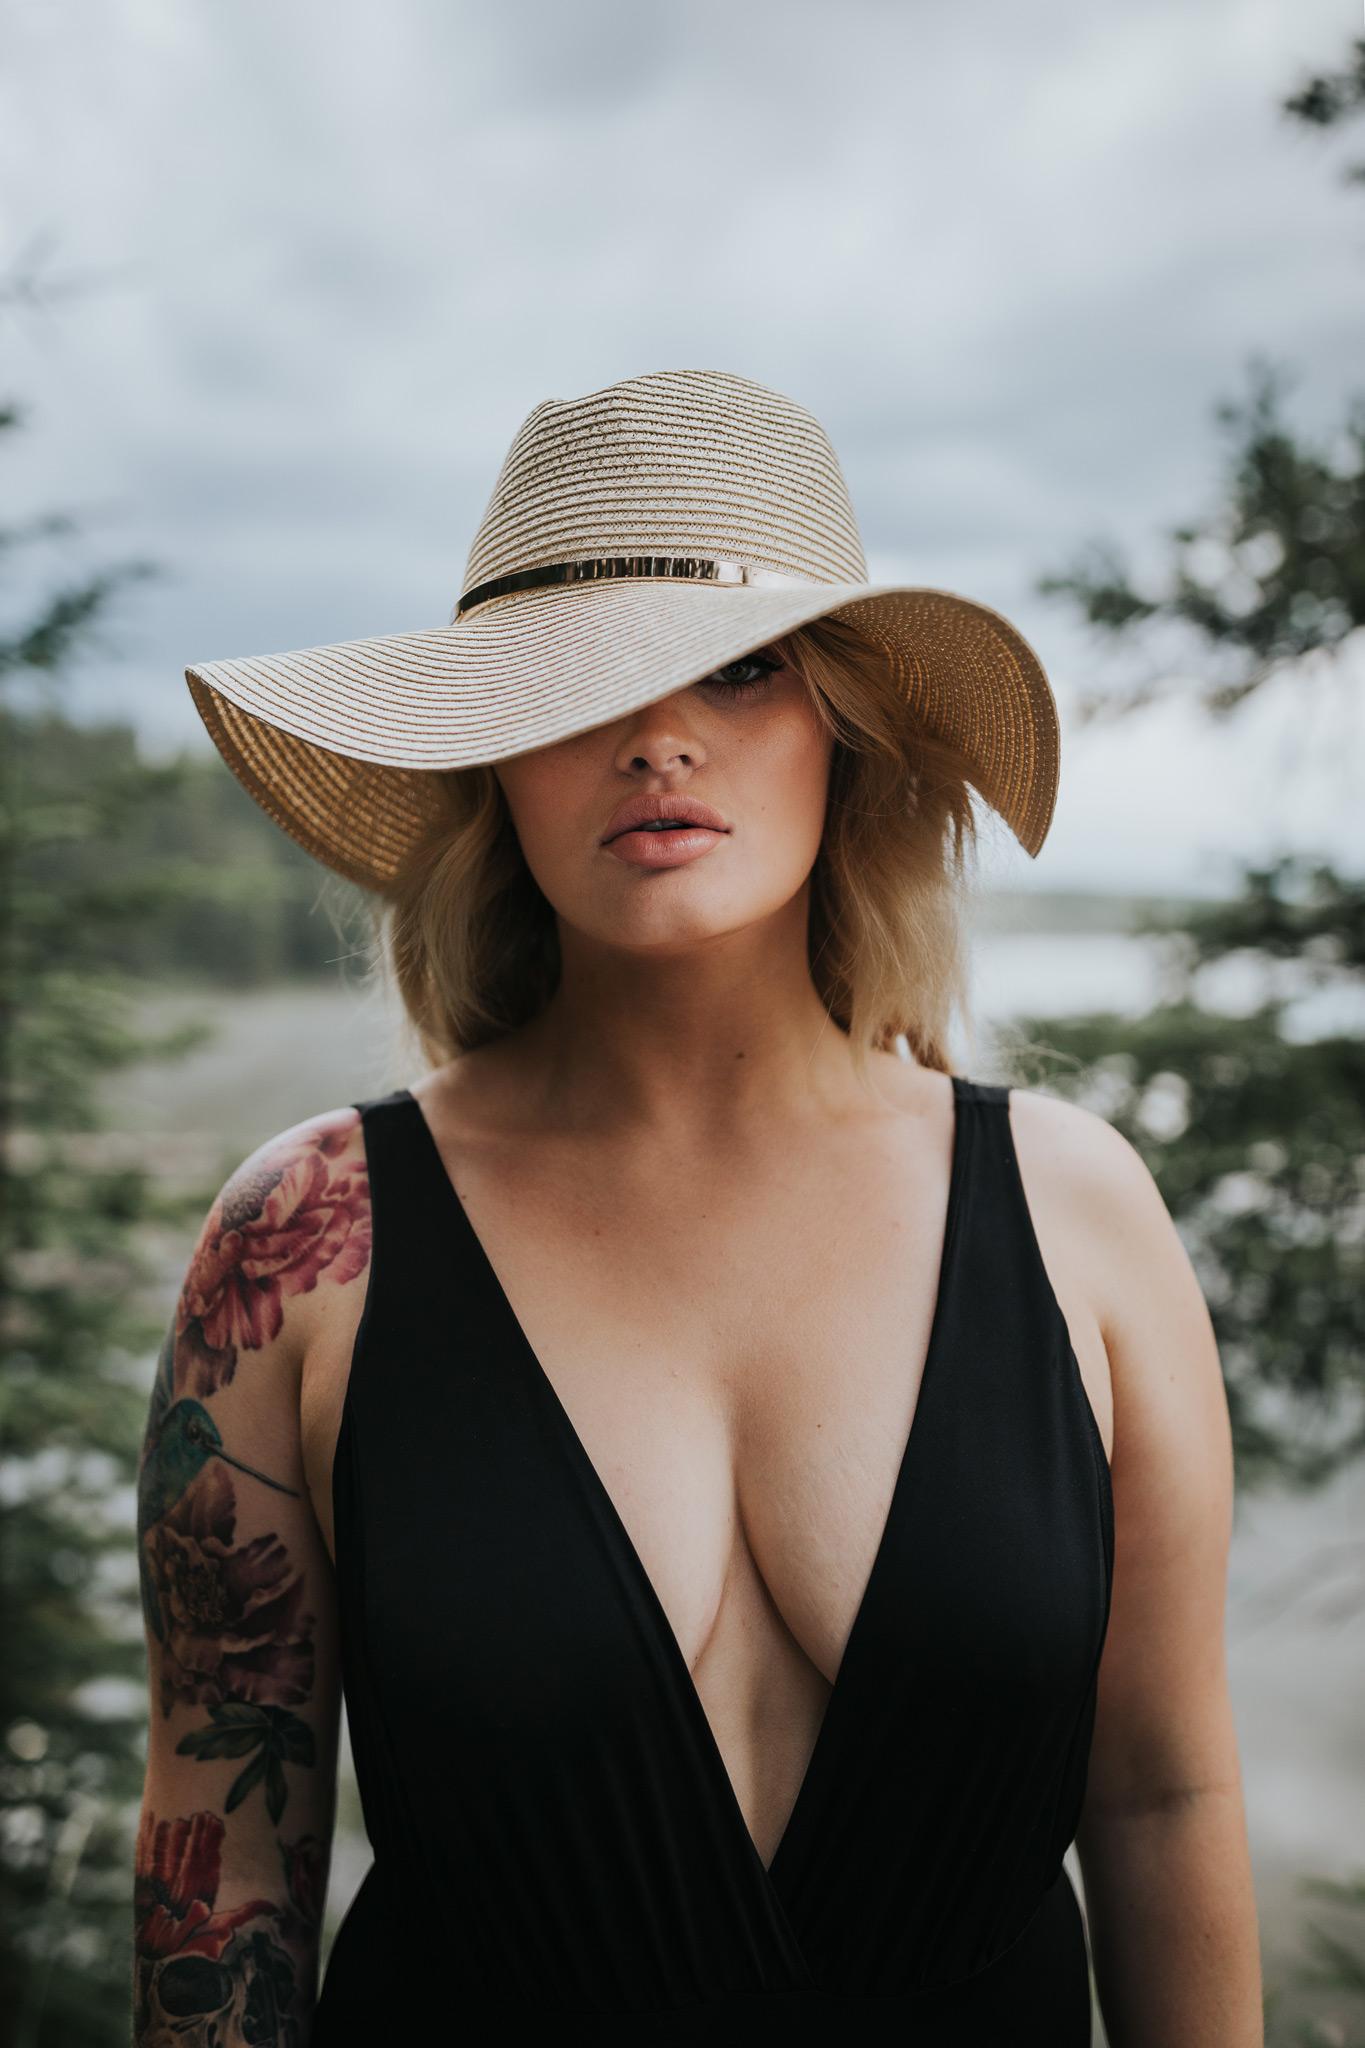 portrait of woman by reesor lake wearing floppy hat covering one eye